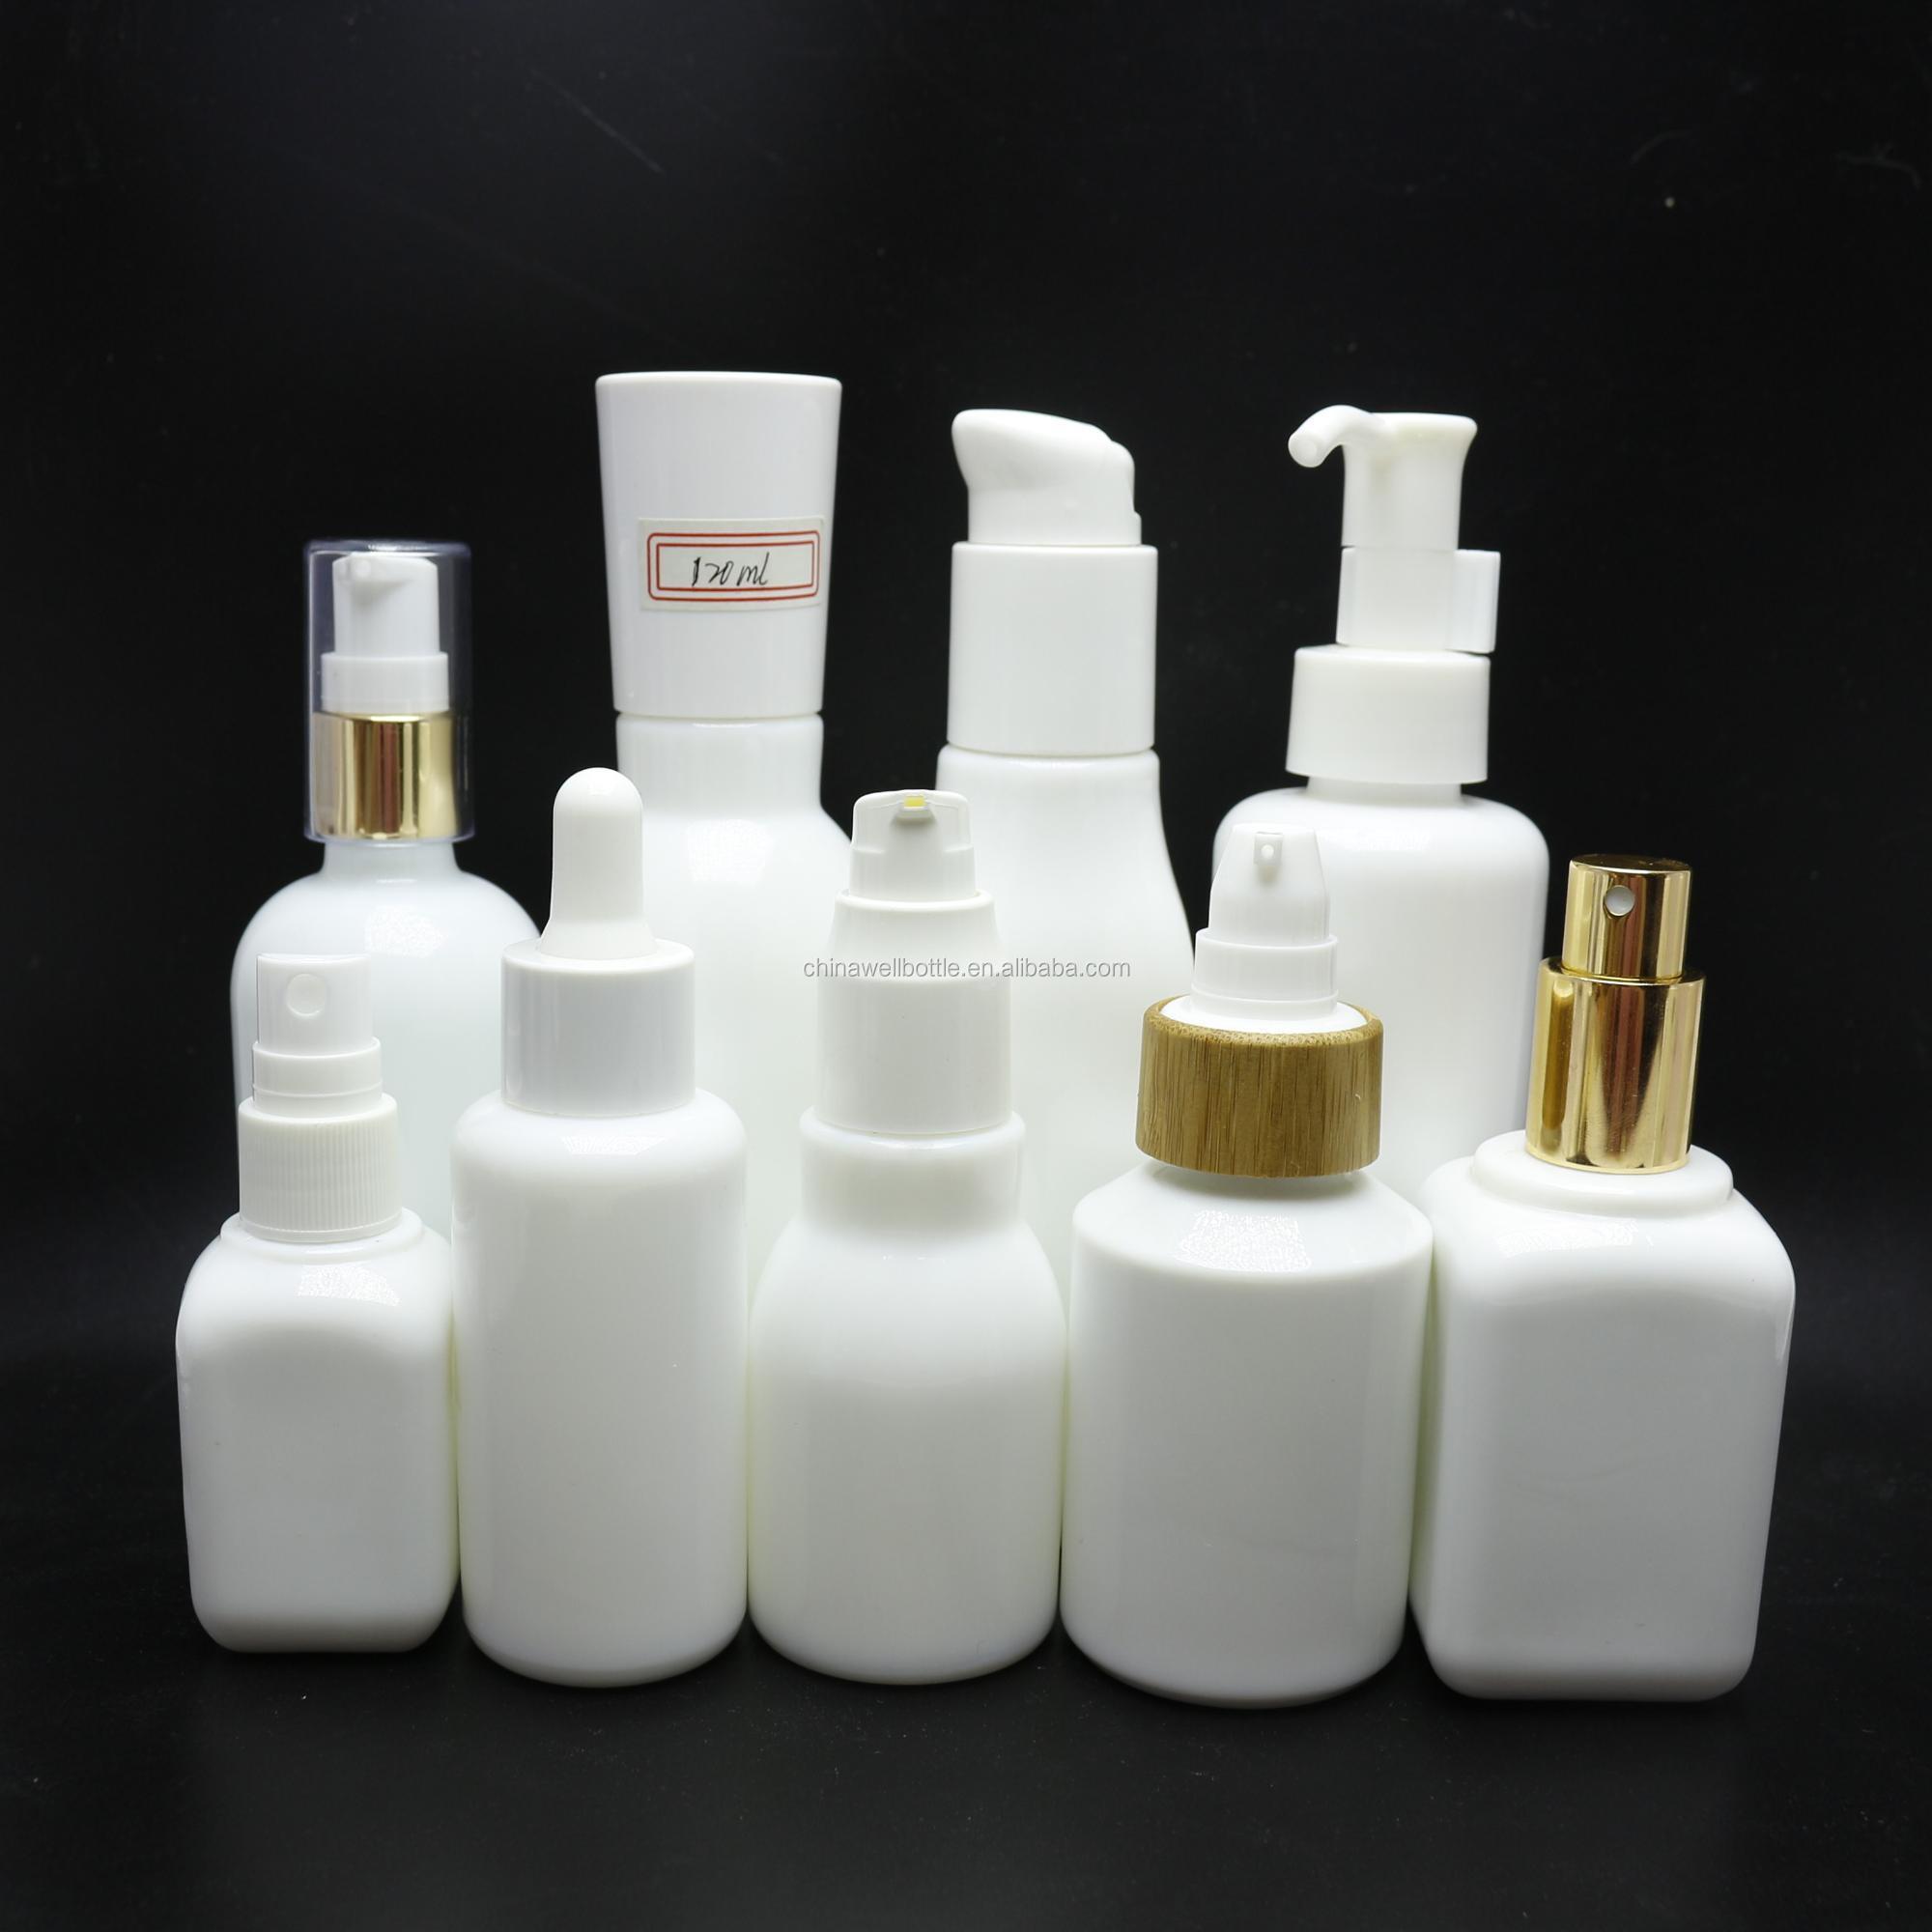 Hotsale 3ml 5ml 10ml रंगीन कांच रोल पर बोतल के लिए रोलर बोतल आवश्यक तेल GRB-300C